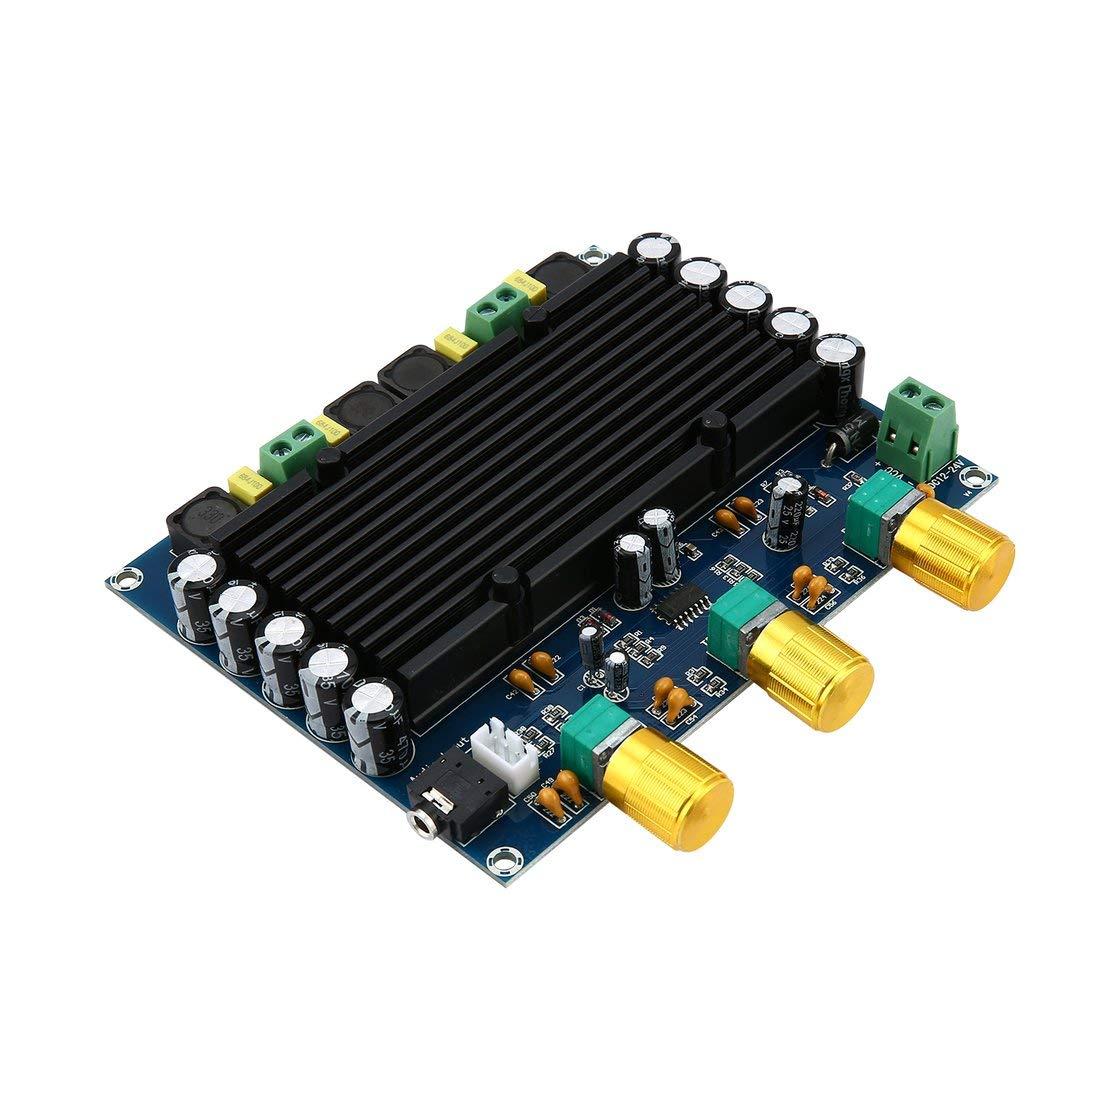 Nueva versión de Alta Potencia Amplificadores Dual Chip TPA3116D2 150W x 2 Tablero del Amplificador Digital 12-24 V de Doble Canal estéreo